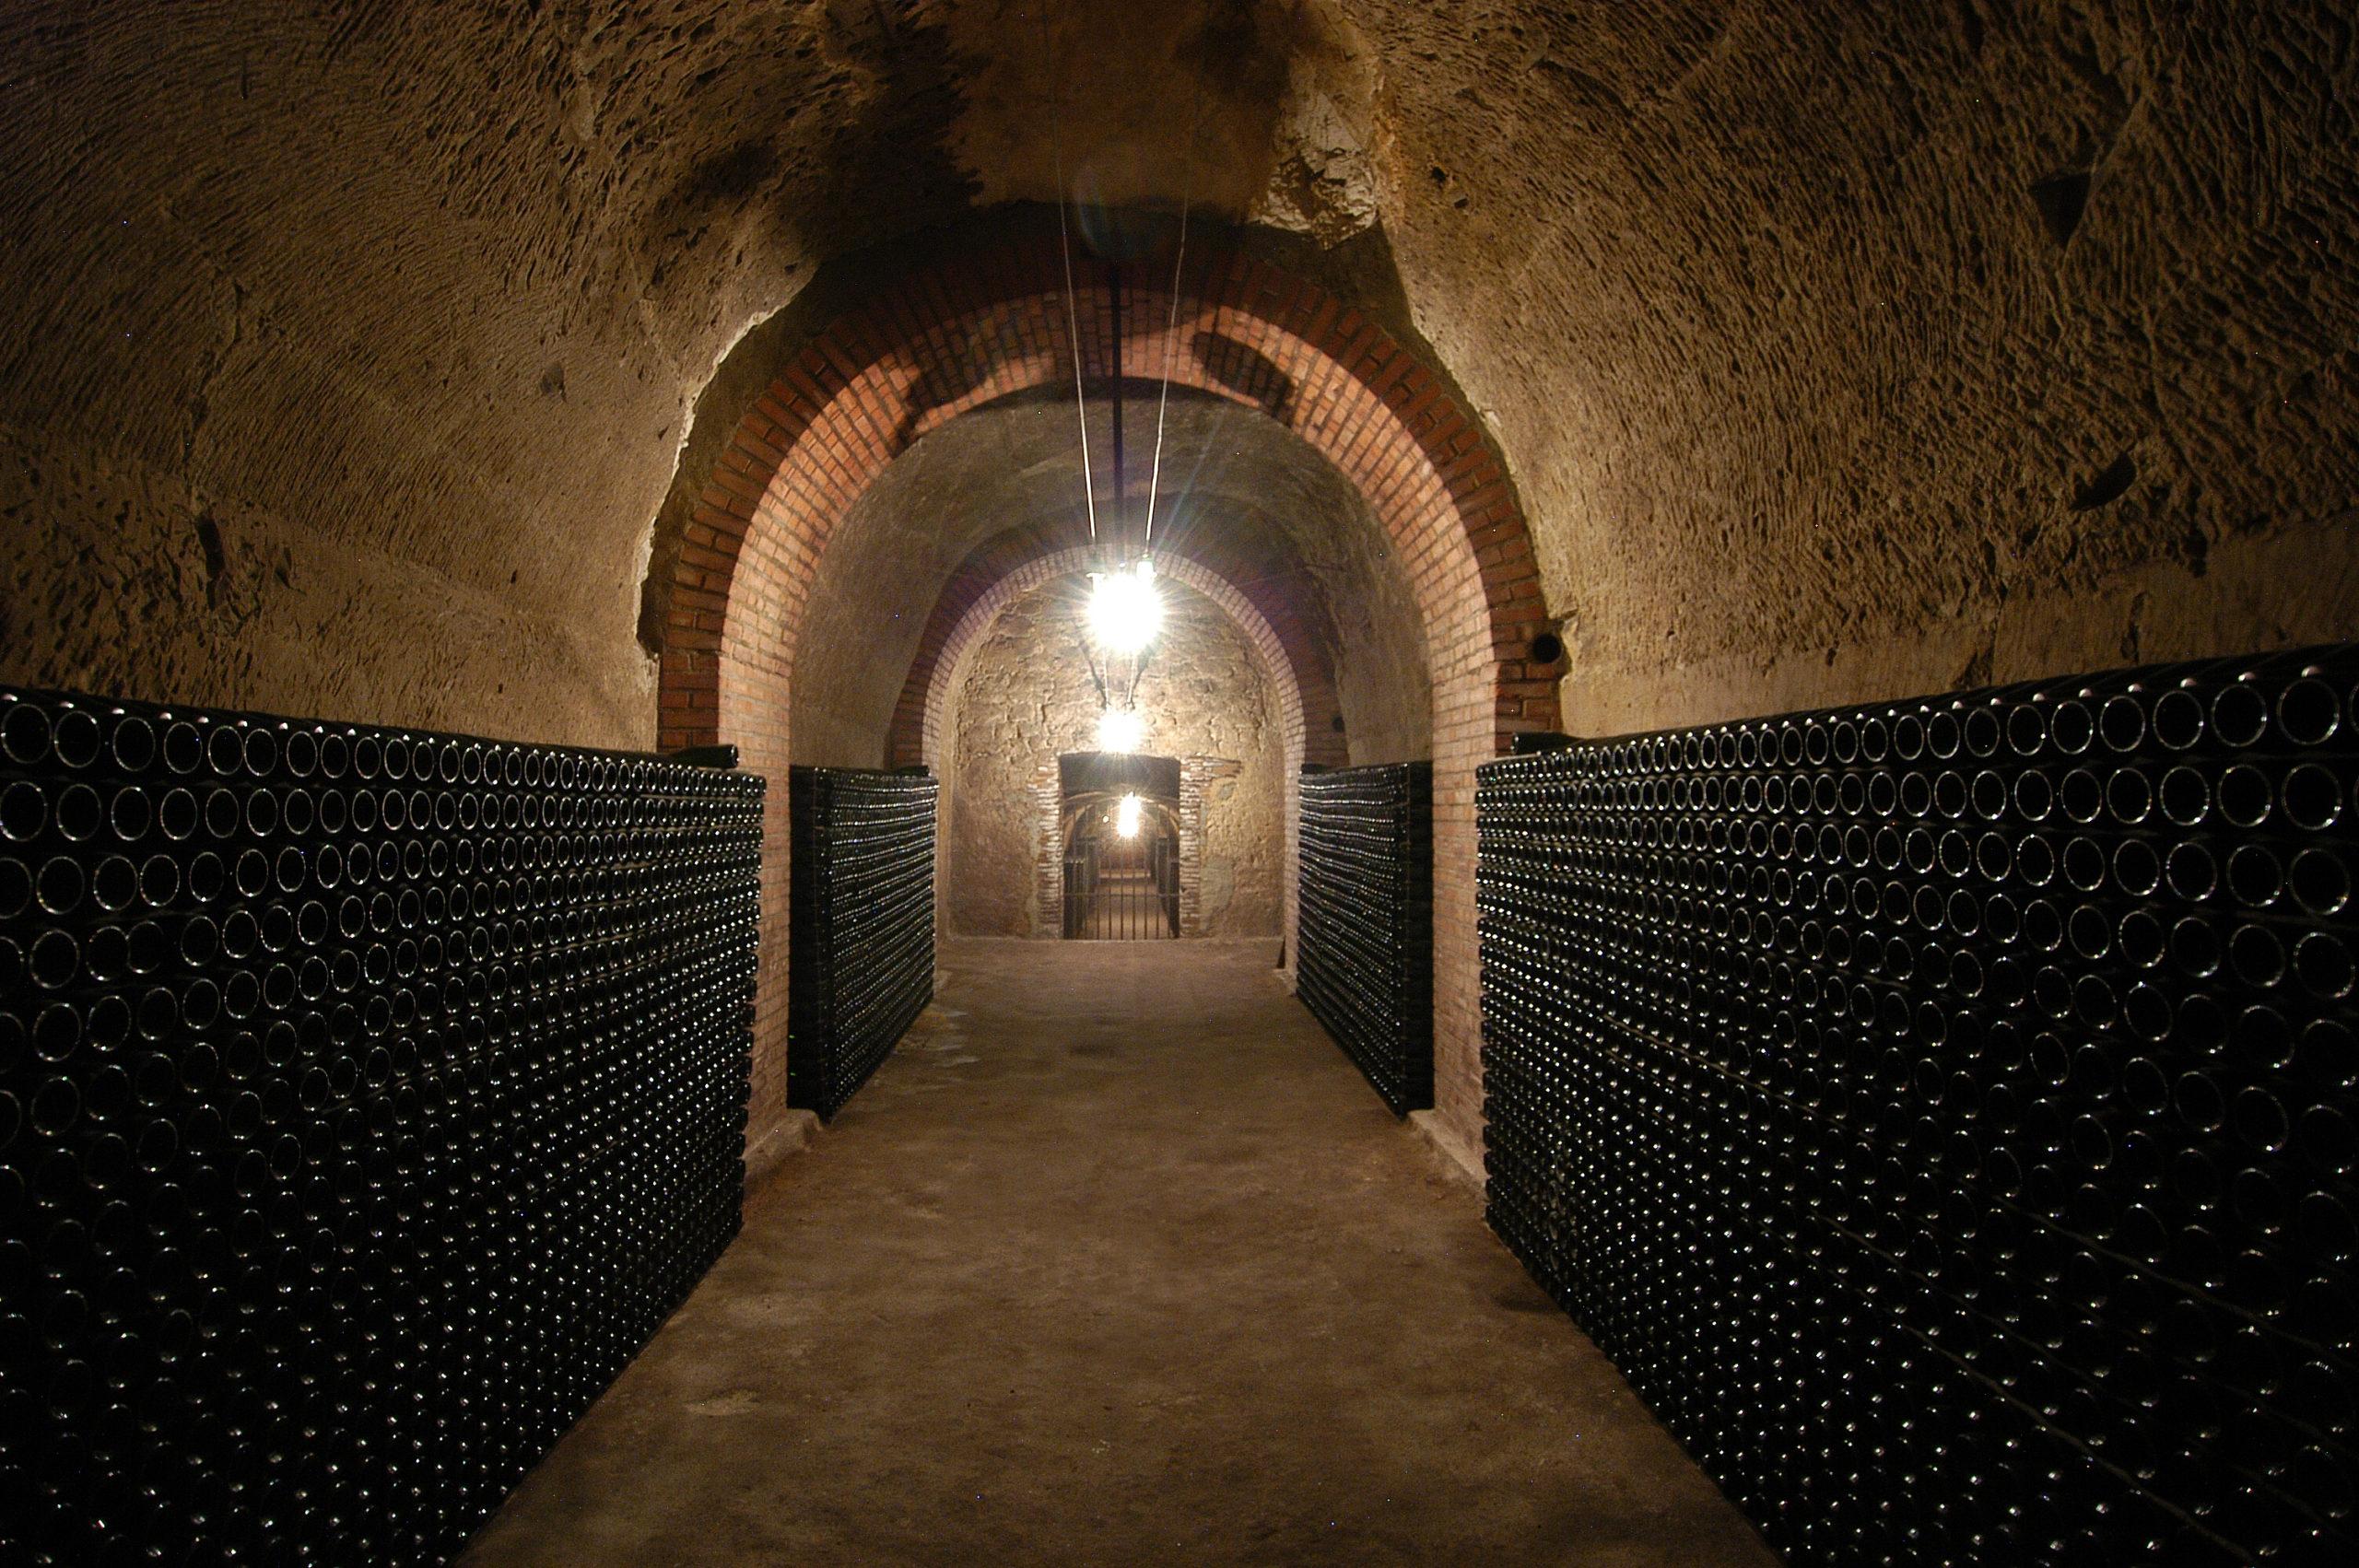 Spesiallansering musserende viner, Chablis og Loire 2019